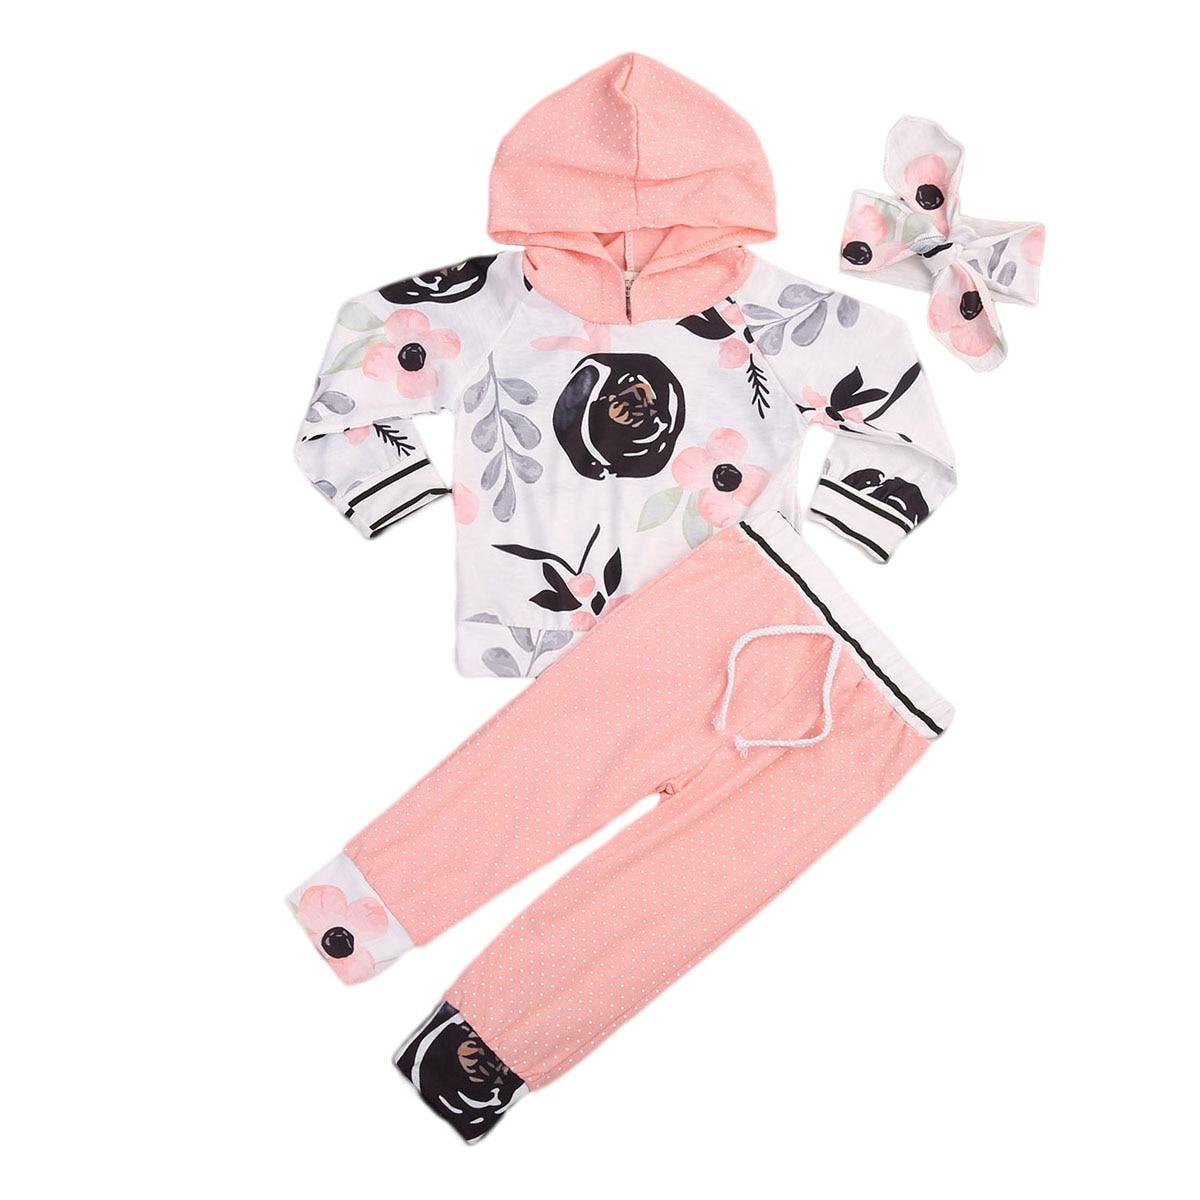 0-36 м новорожденных Одежда для маленьких девочек цветочный с капюшоном Топ + длинные штаны одежда Детская одежда Одежда для мальчиков компле...